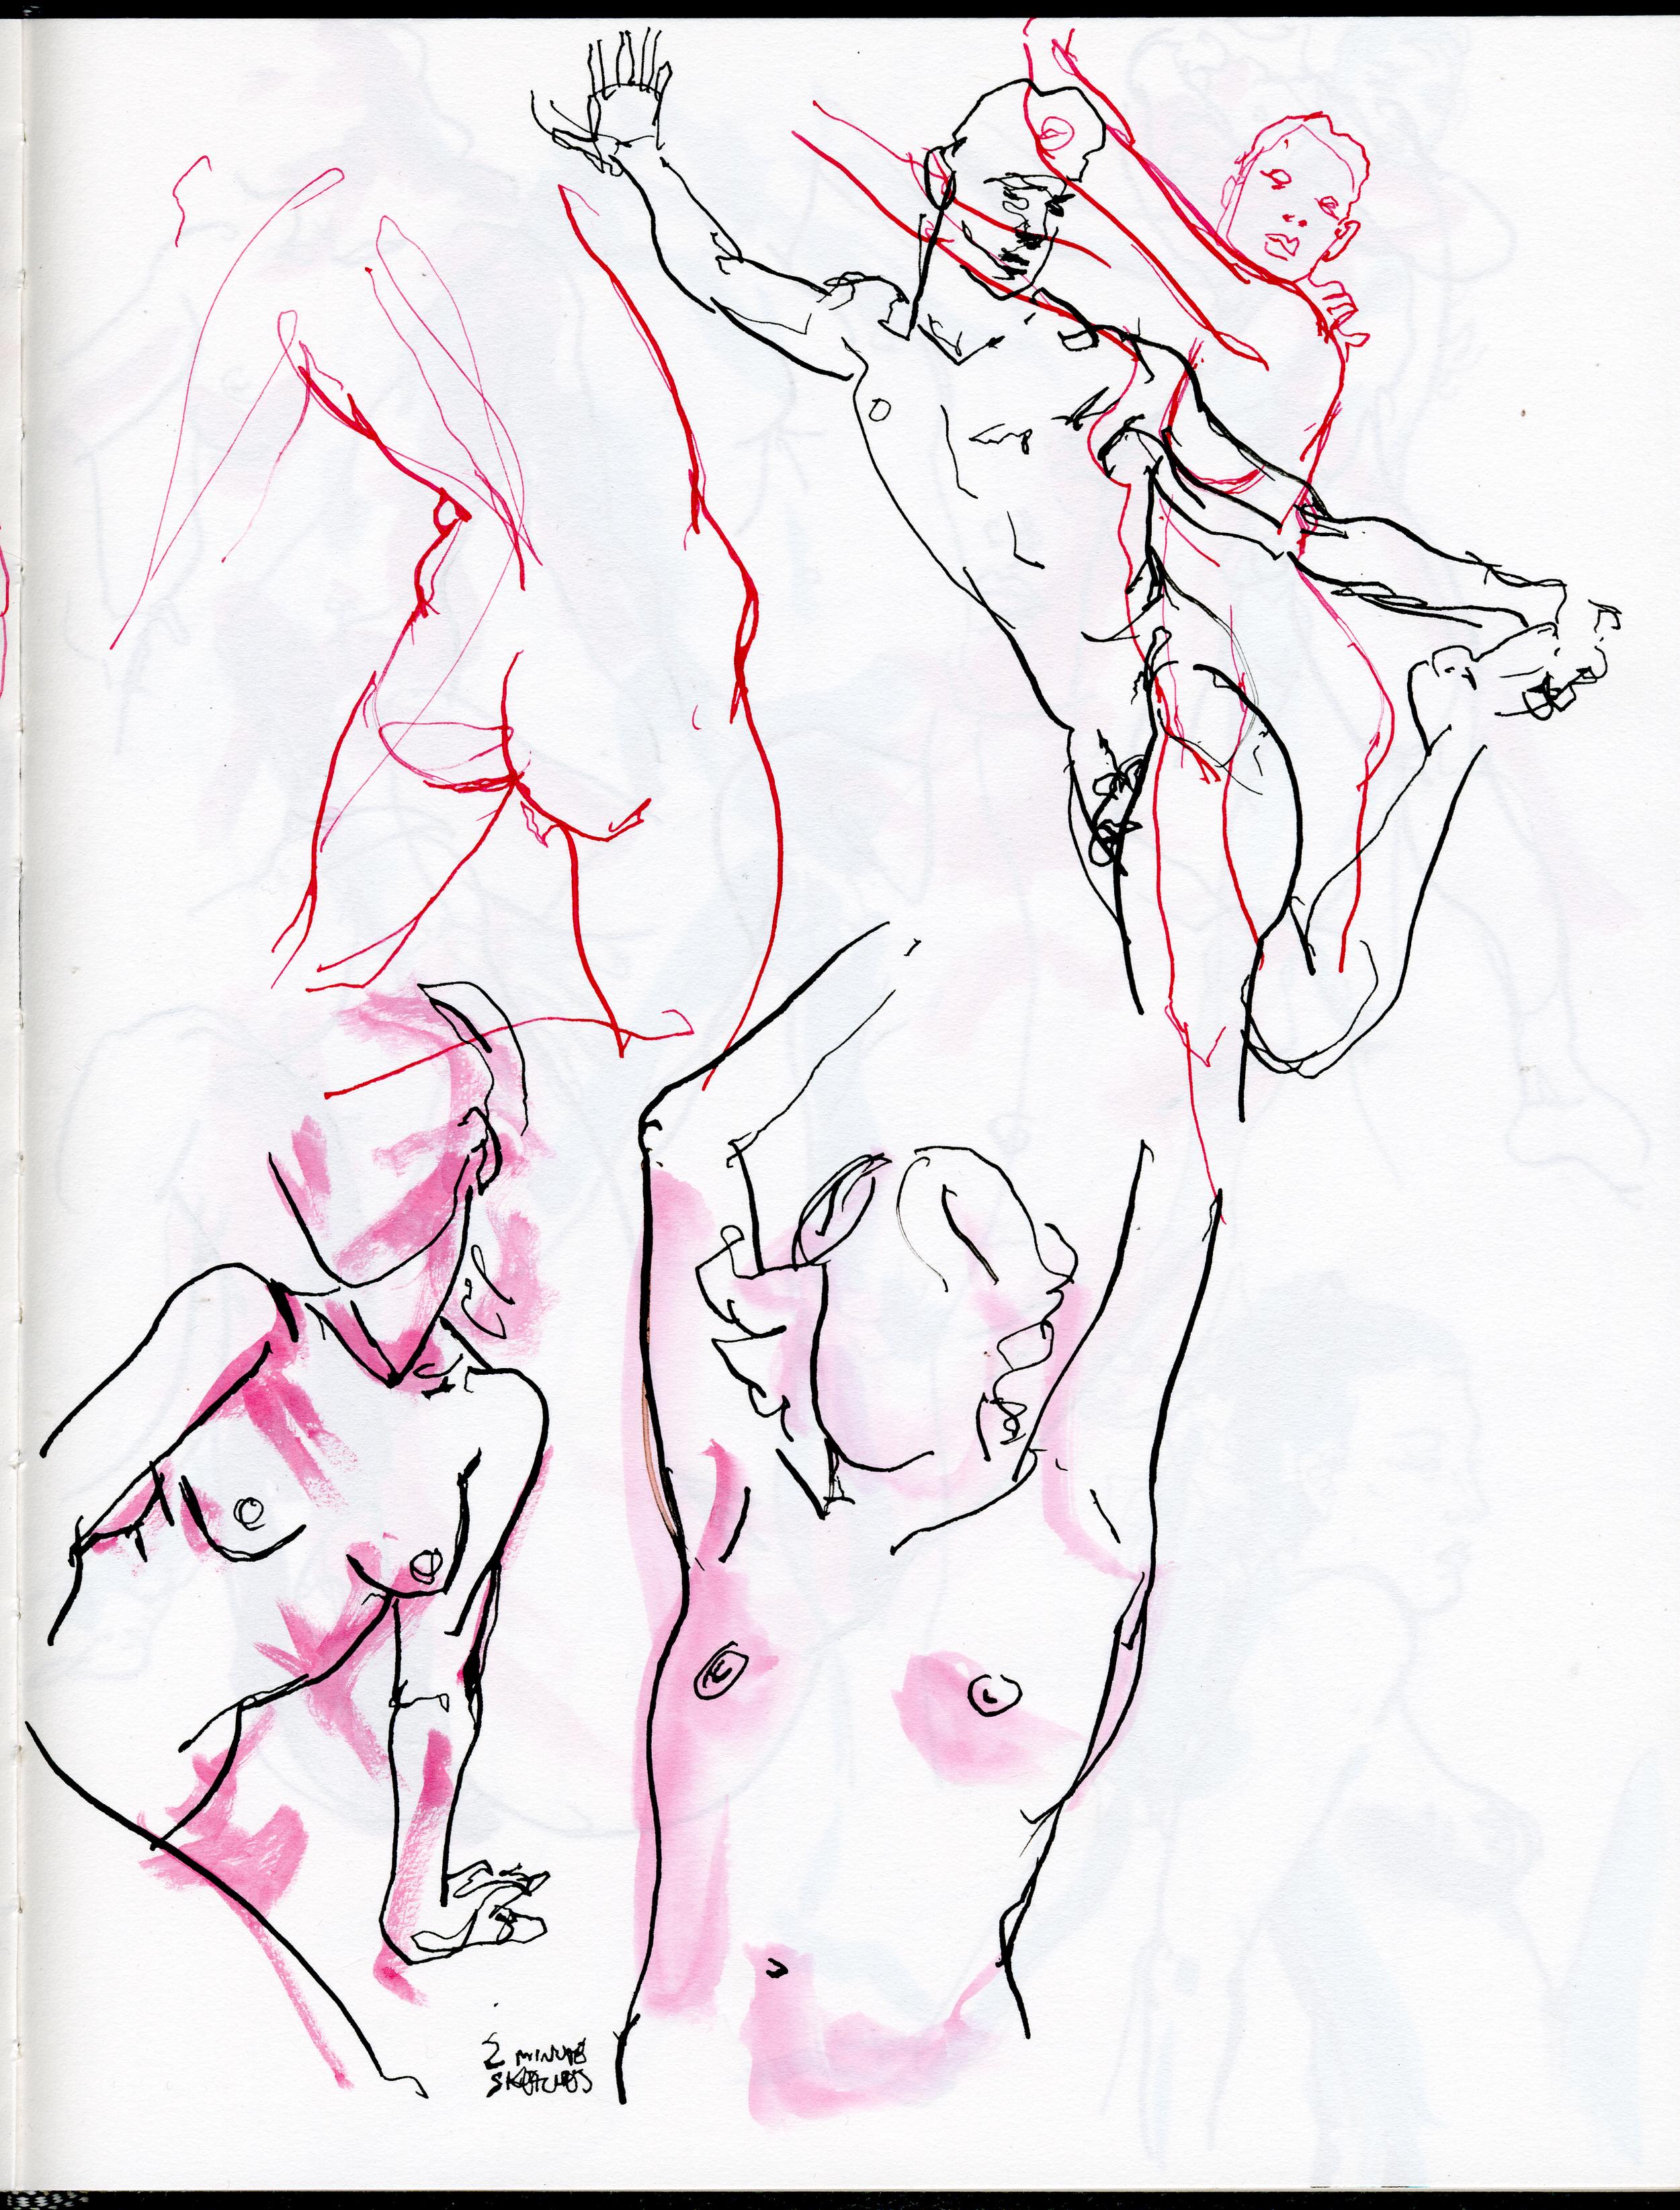 Sketchbook_Apr08_074.jpg